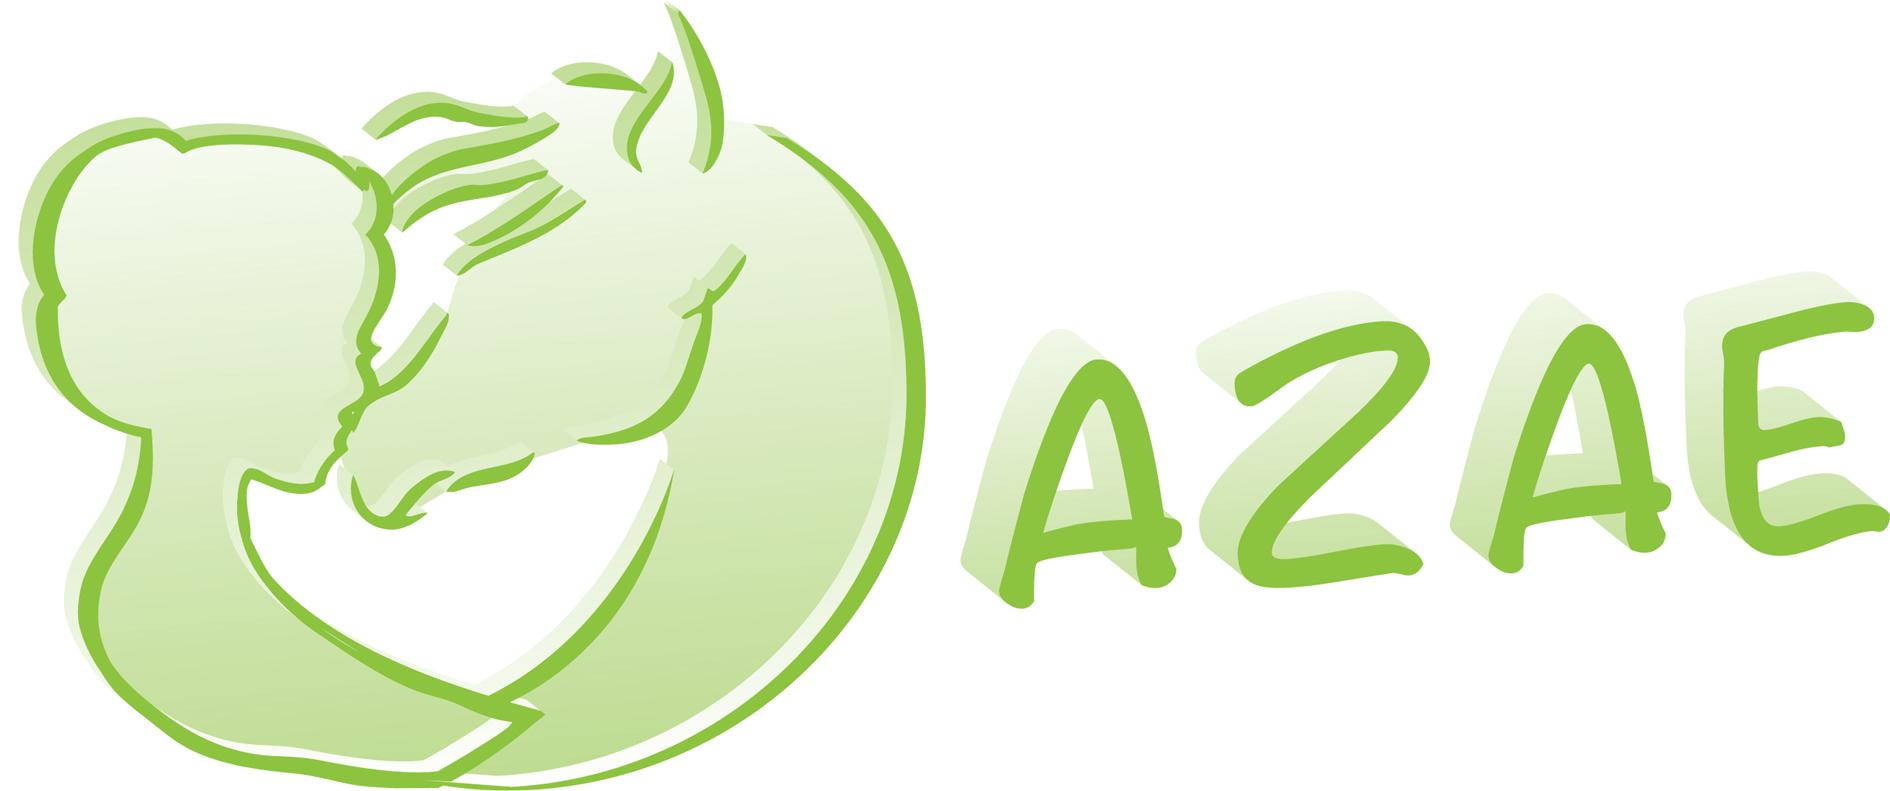 Association - Association de zoothérapie pour l'autonomie et l'éveil